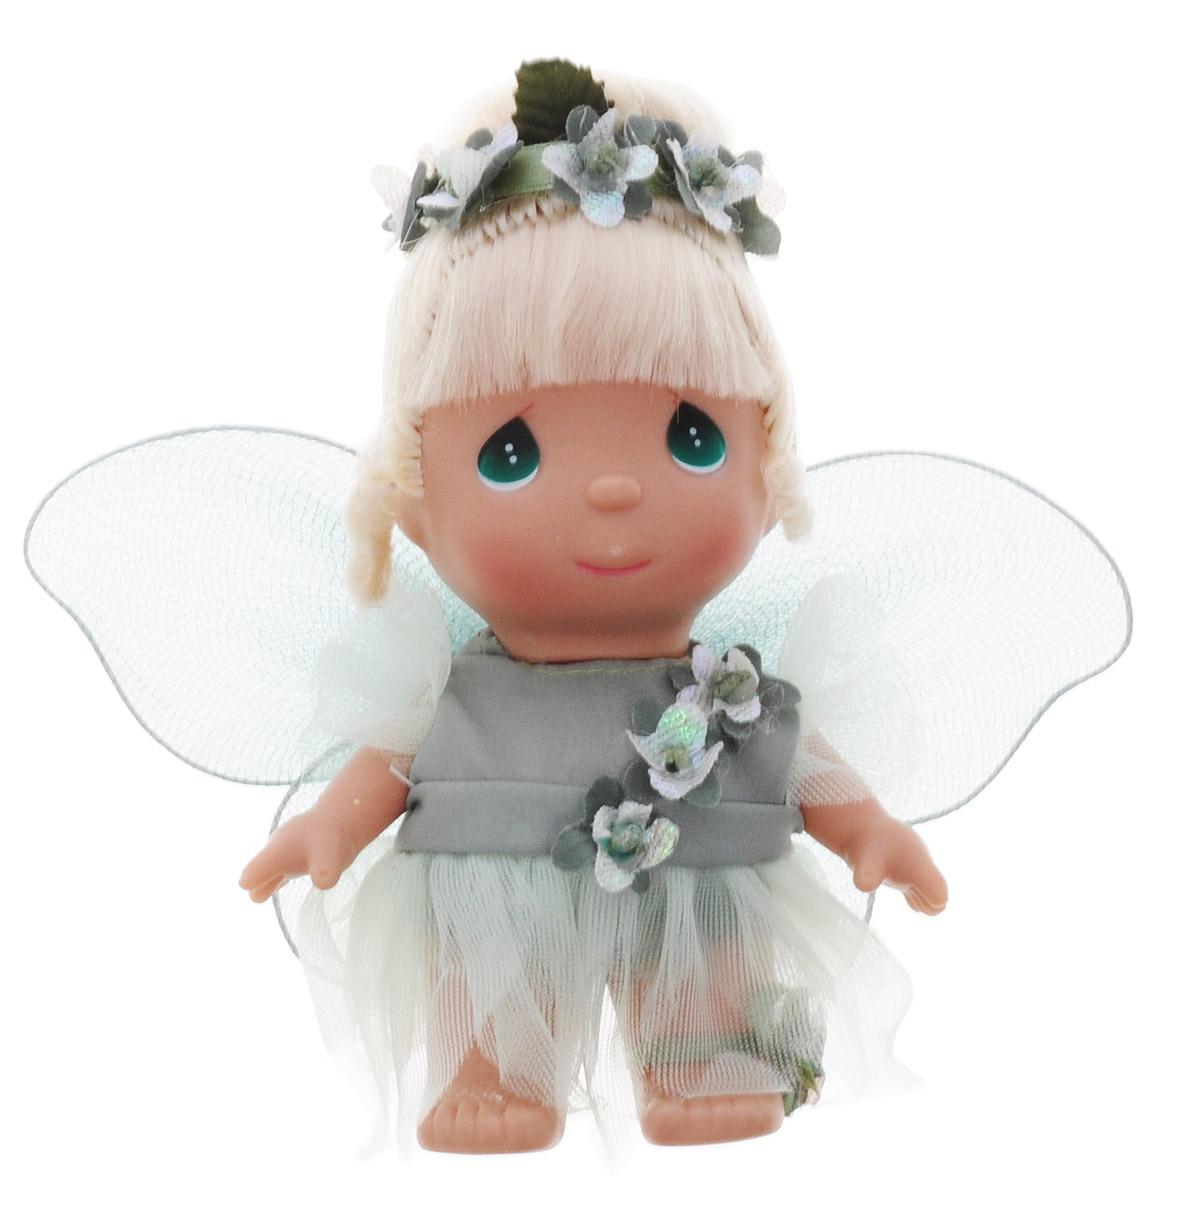 Precious Moments Мини-кукла Фея цвет наряда зеленый precious moments мини кукла пастушка цвет платья светло коралловый